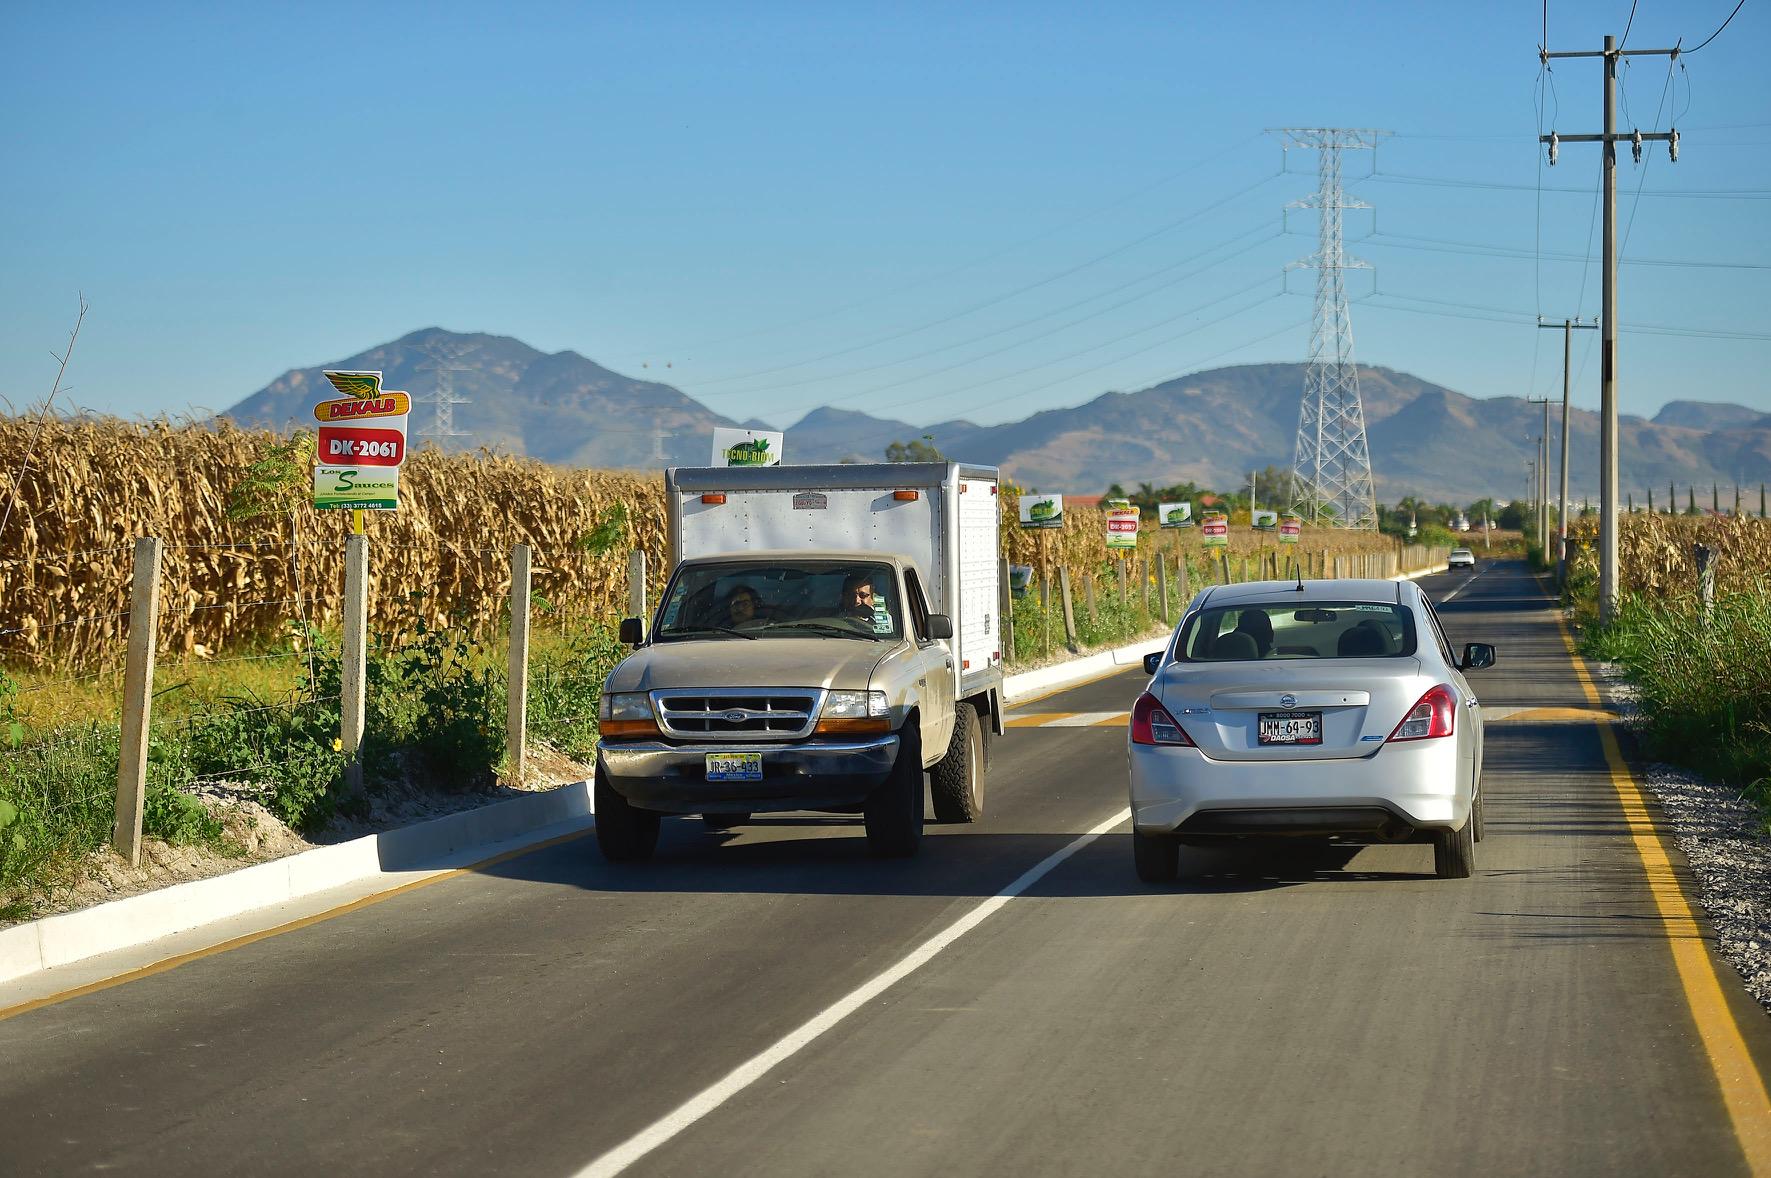 Vehículos transitando por el tramo carretero pavimentado